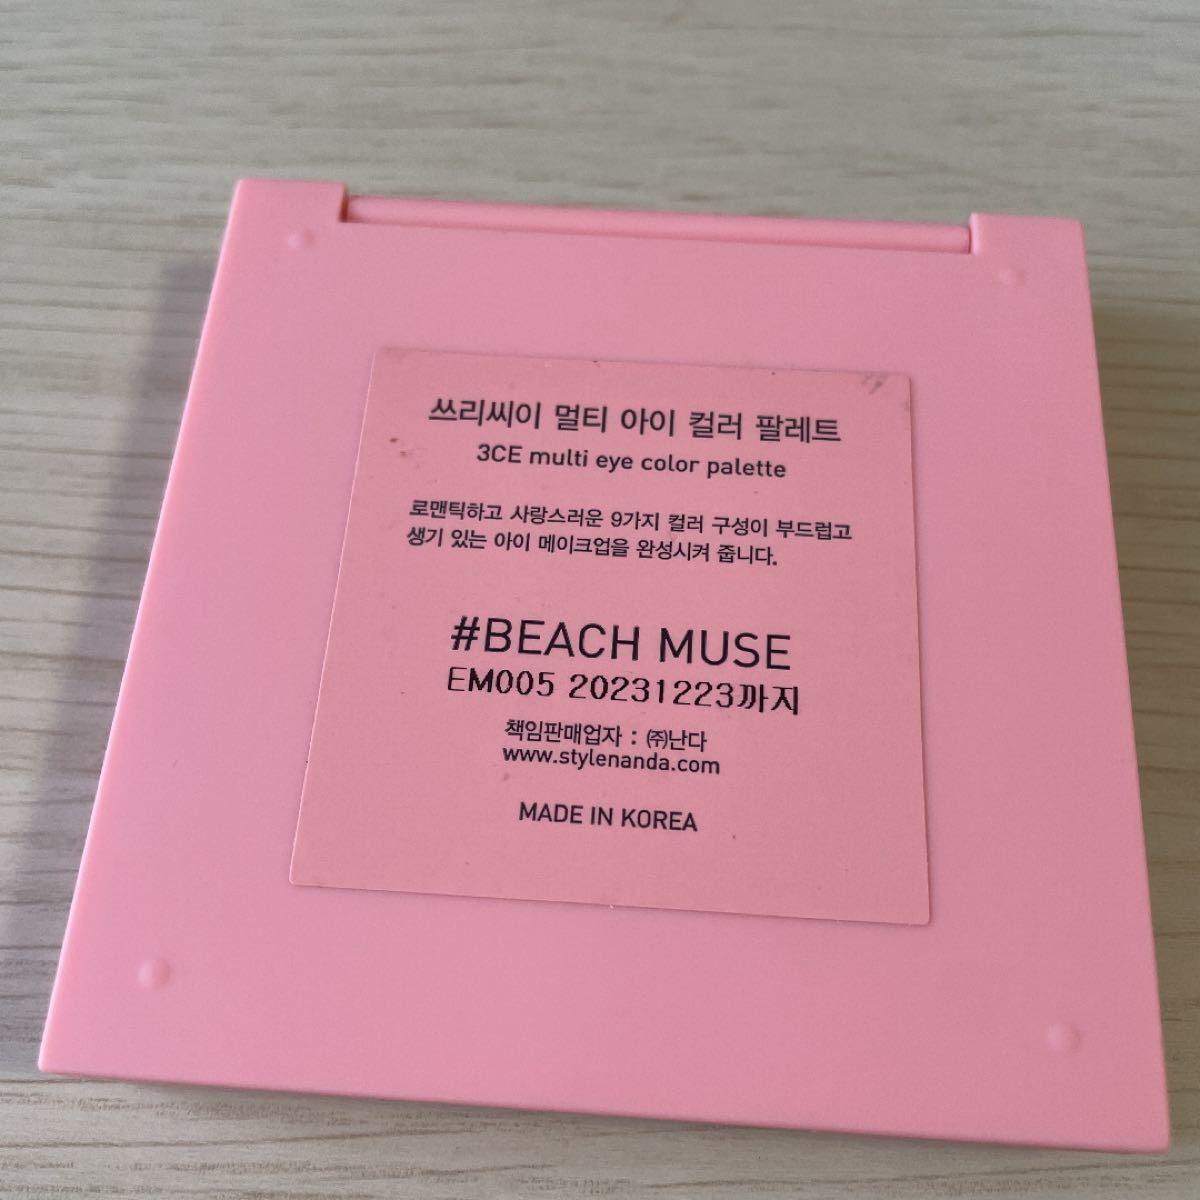 アイシャドウ 3CE スタイルナンダ マルチアイカラーパレット #BEACH MUSE ビーチミューズ